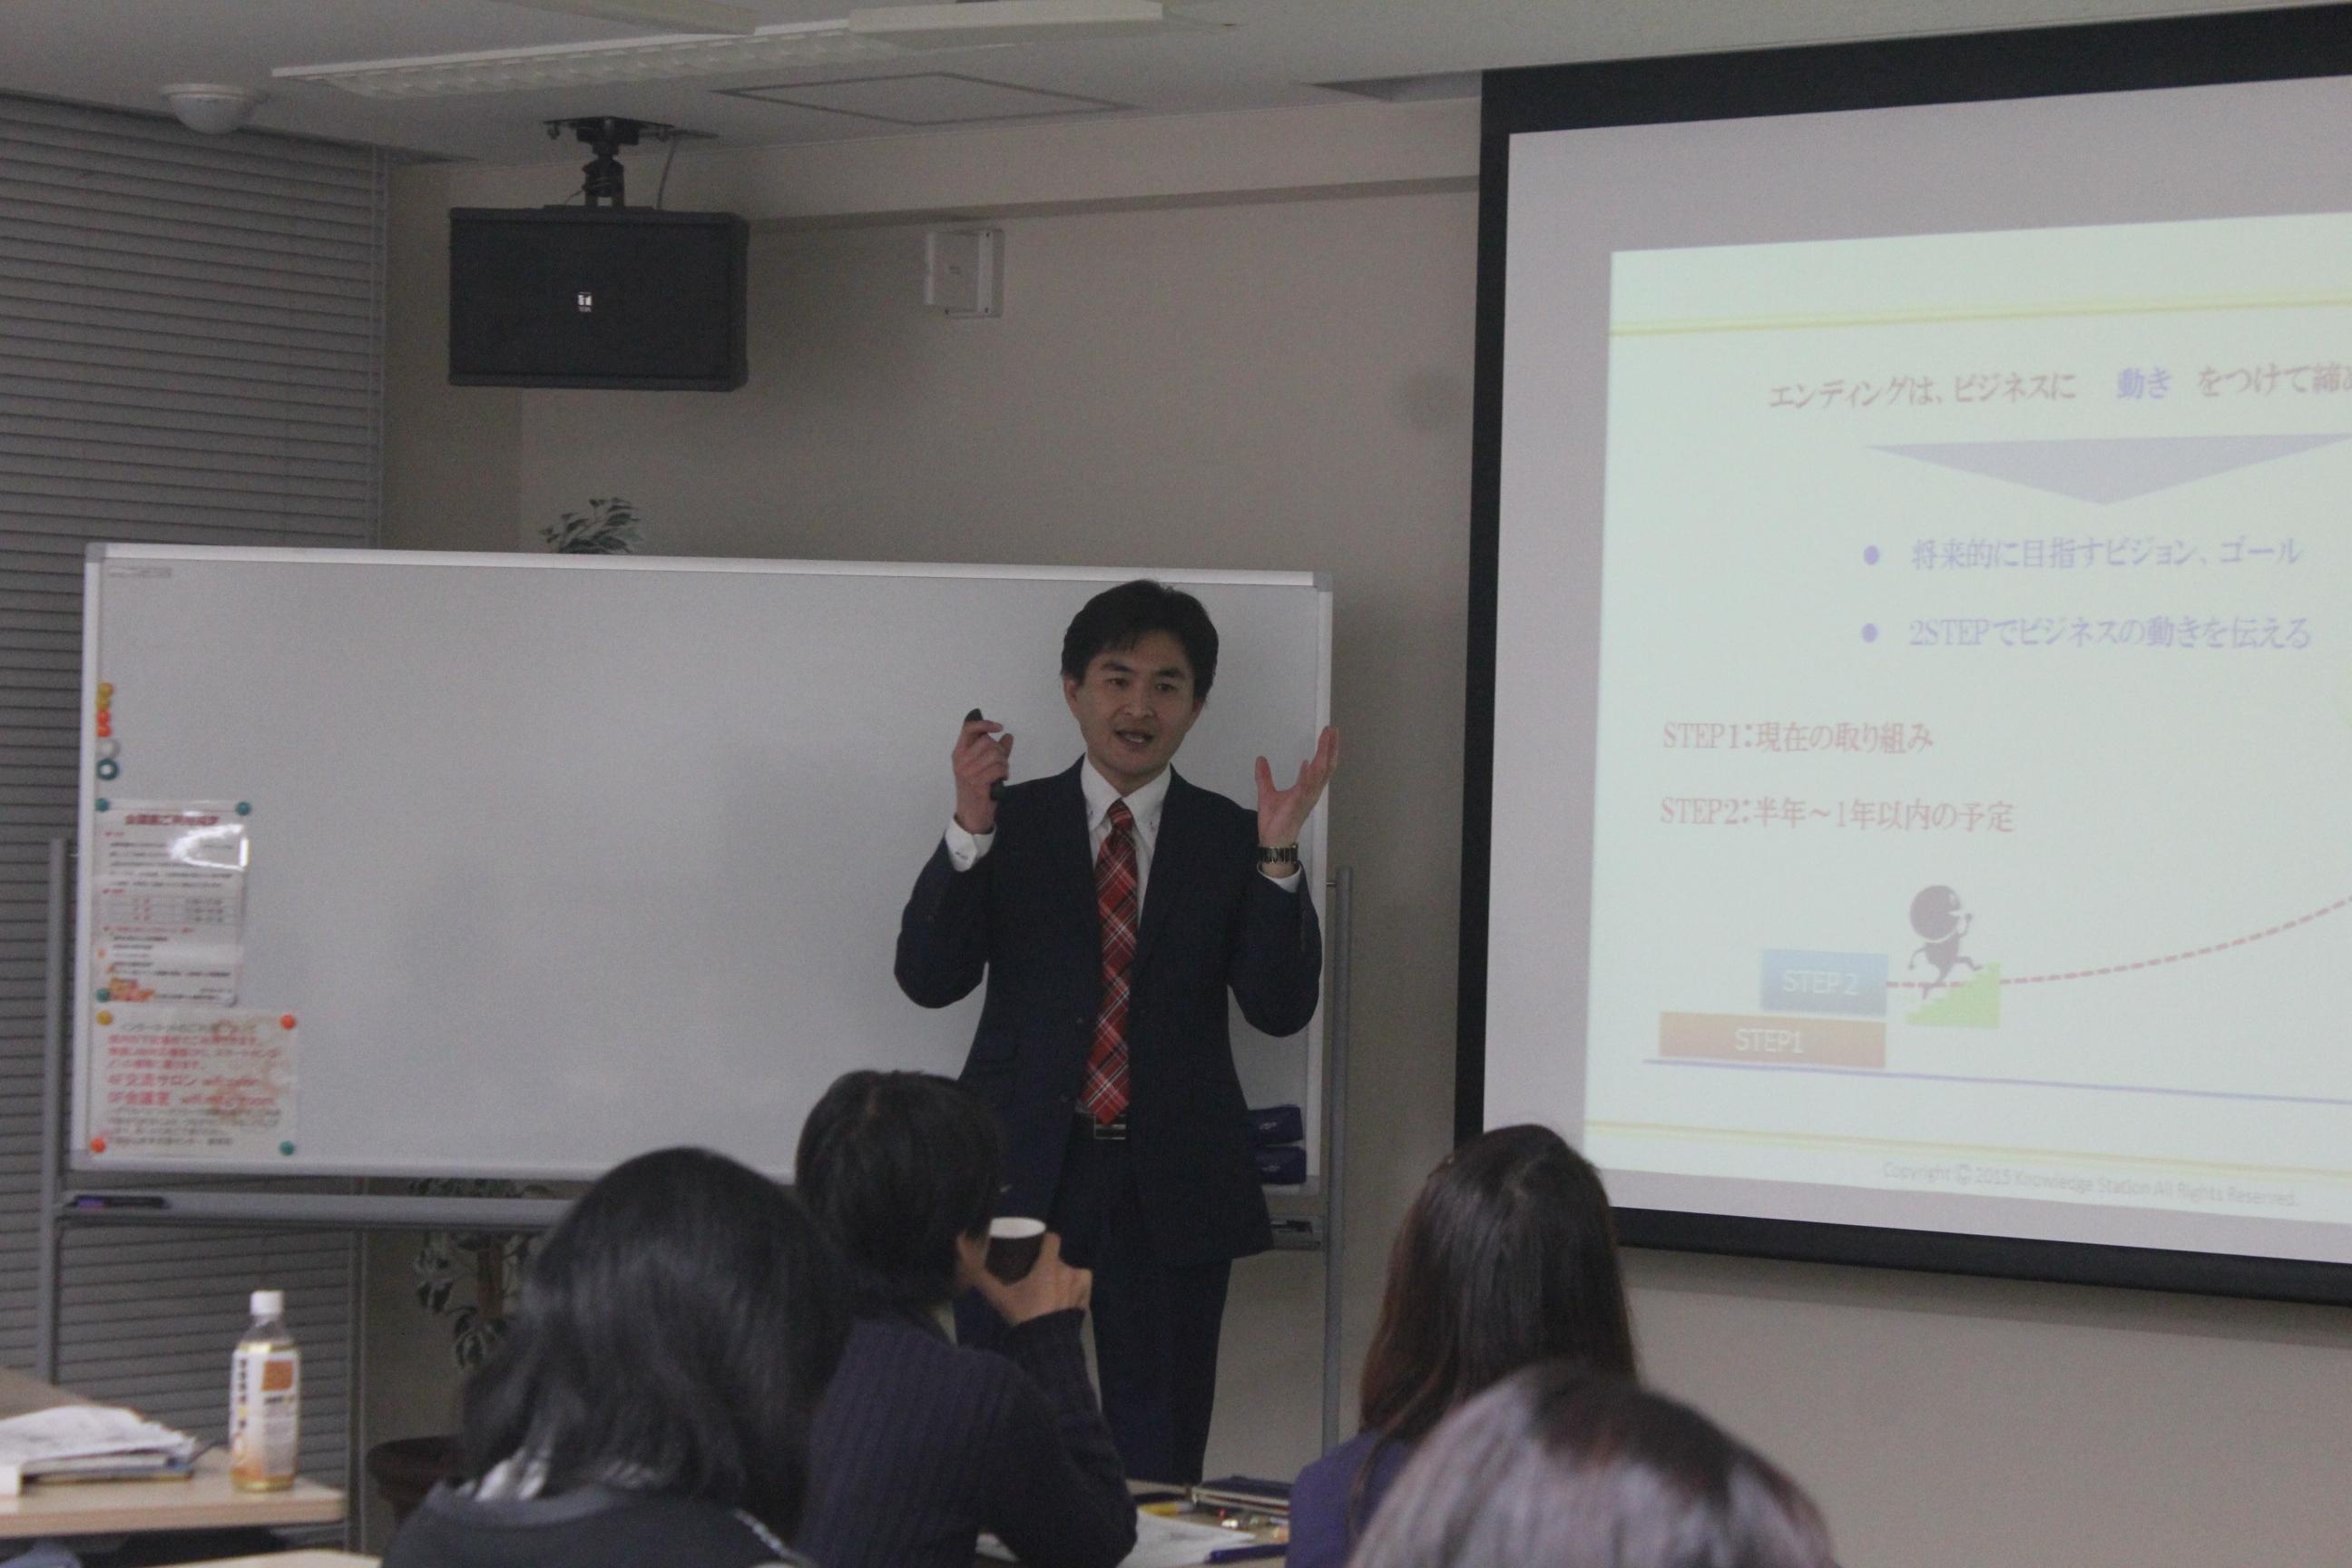 【武蔵小山】自社の事業を魅力的に伝える起業家プレゼンテーション術画像01